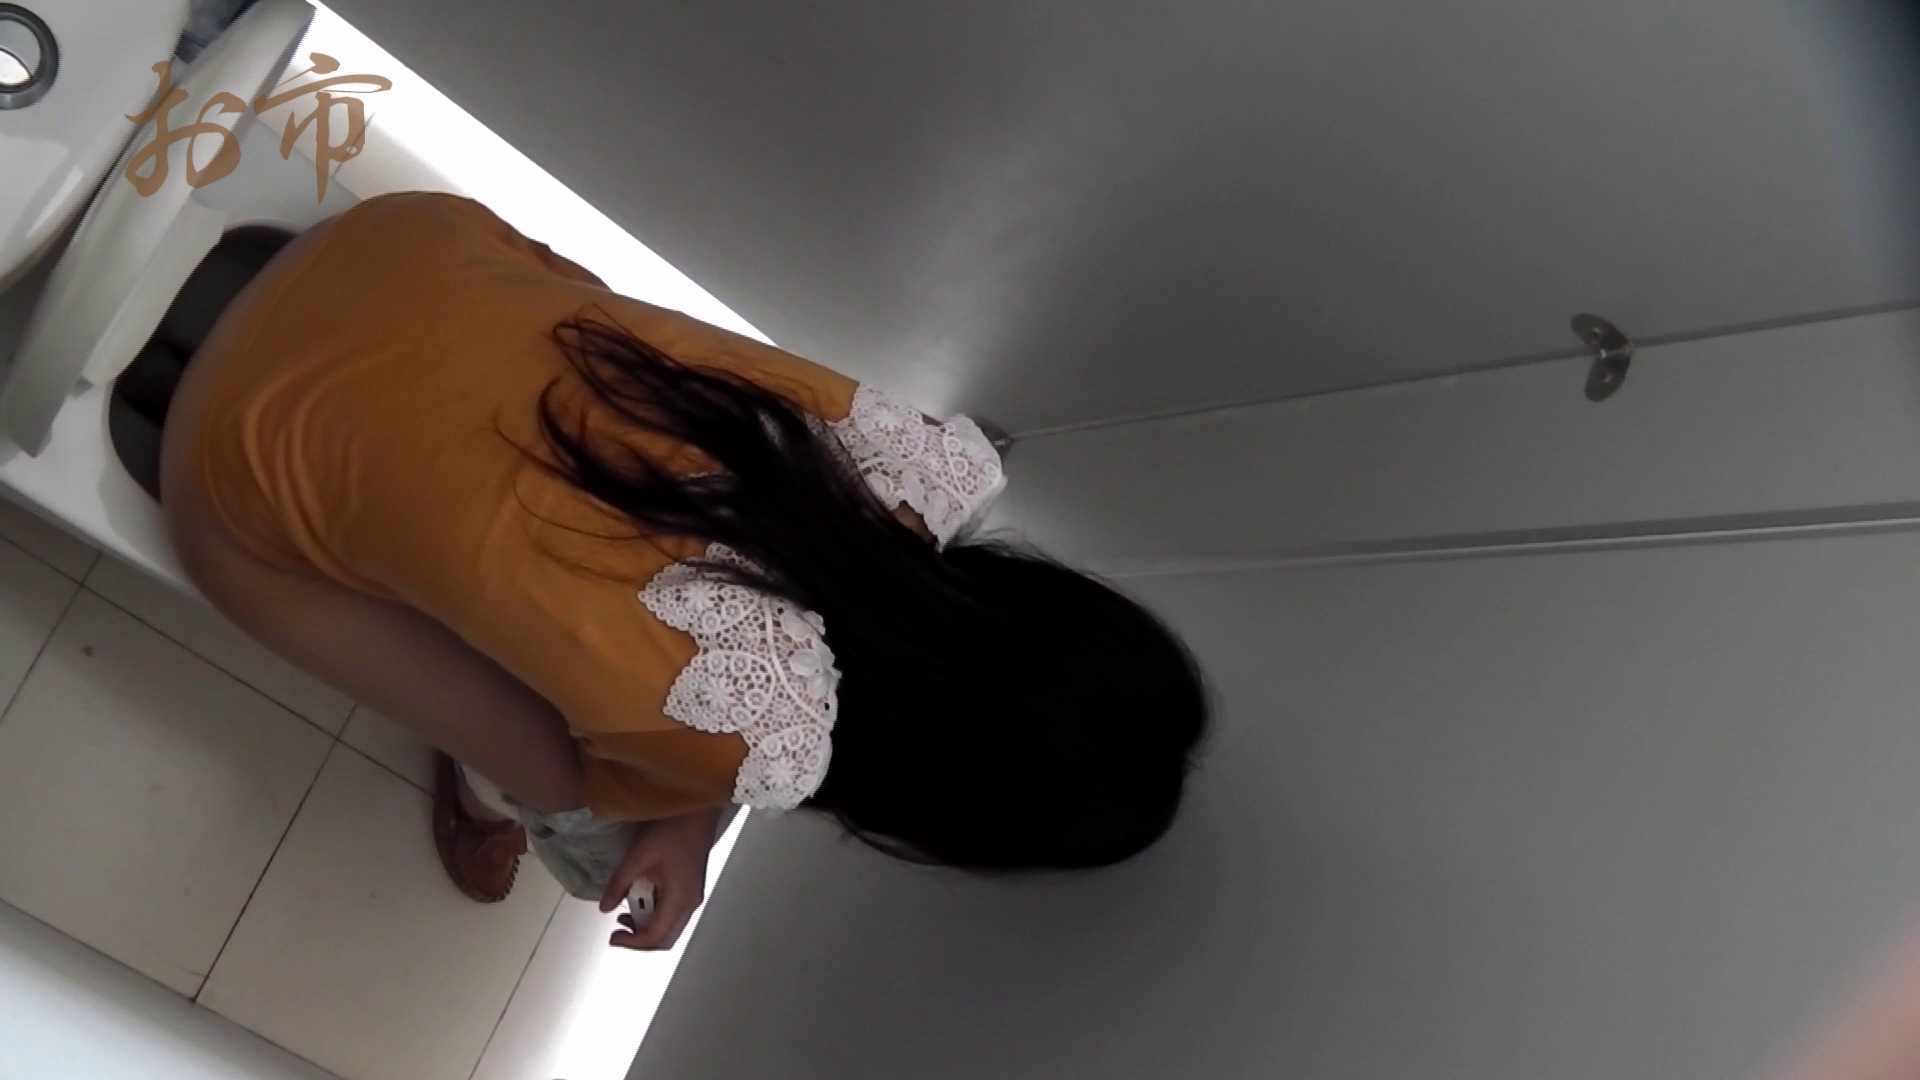 潜入!!台湾名門女学院 Vol.12 長身モデル驚き見たことないシチュエーション 美女 | モデルエロ映像  101pic 26